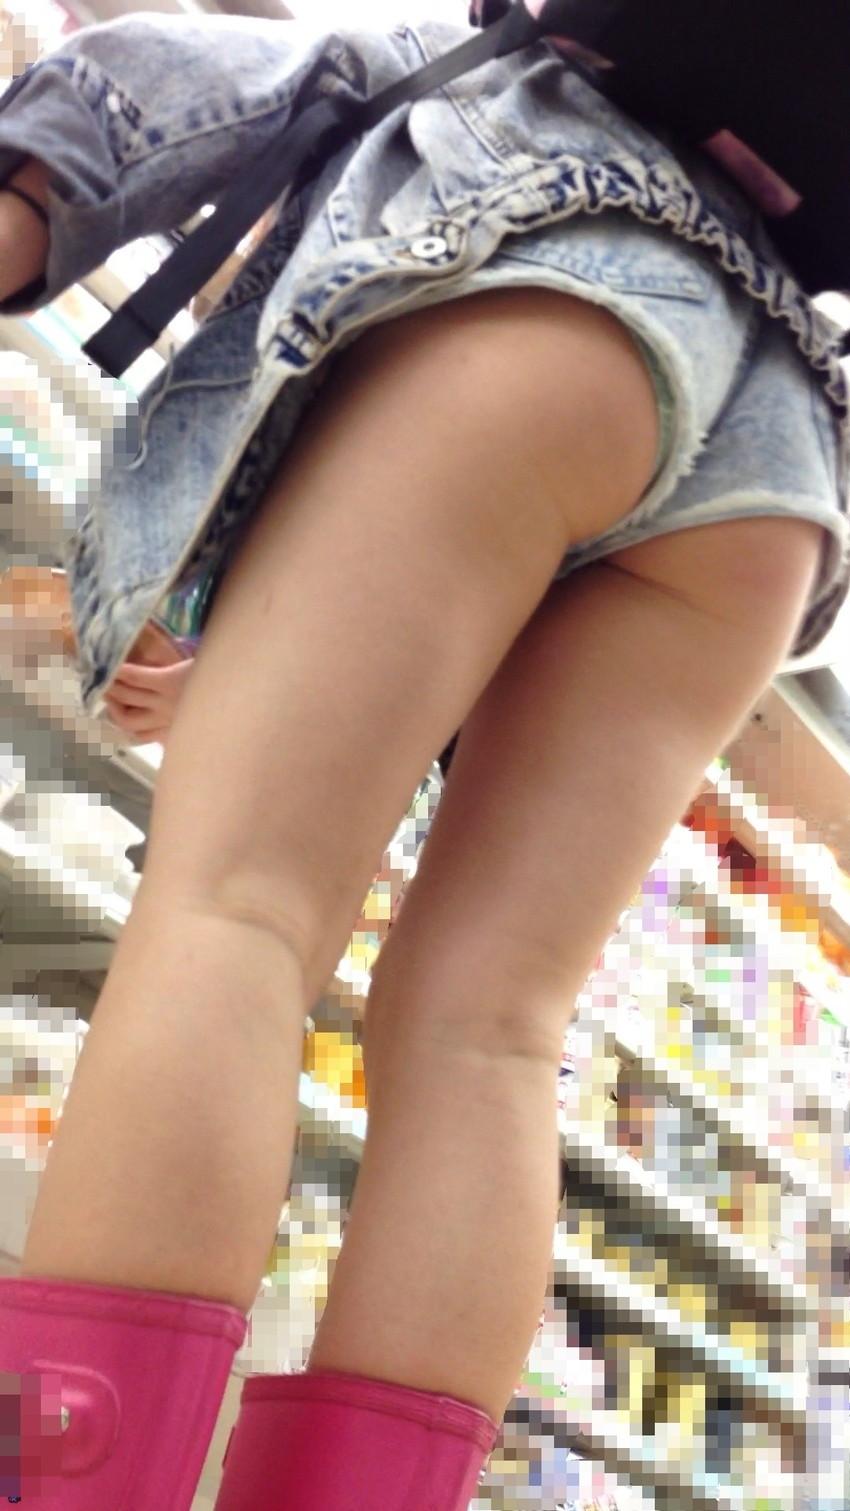 【ホットパンツエロ画像】街中で見かけたらつい目で追ってしまうホットパンツ! 15